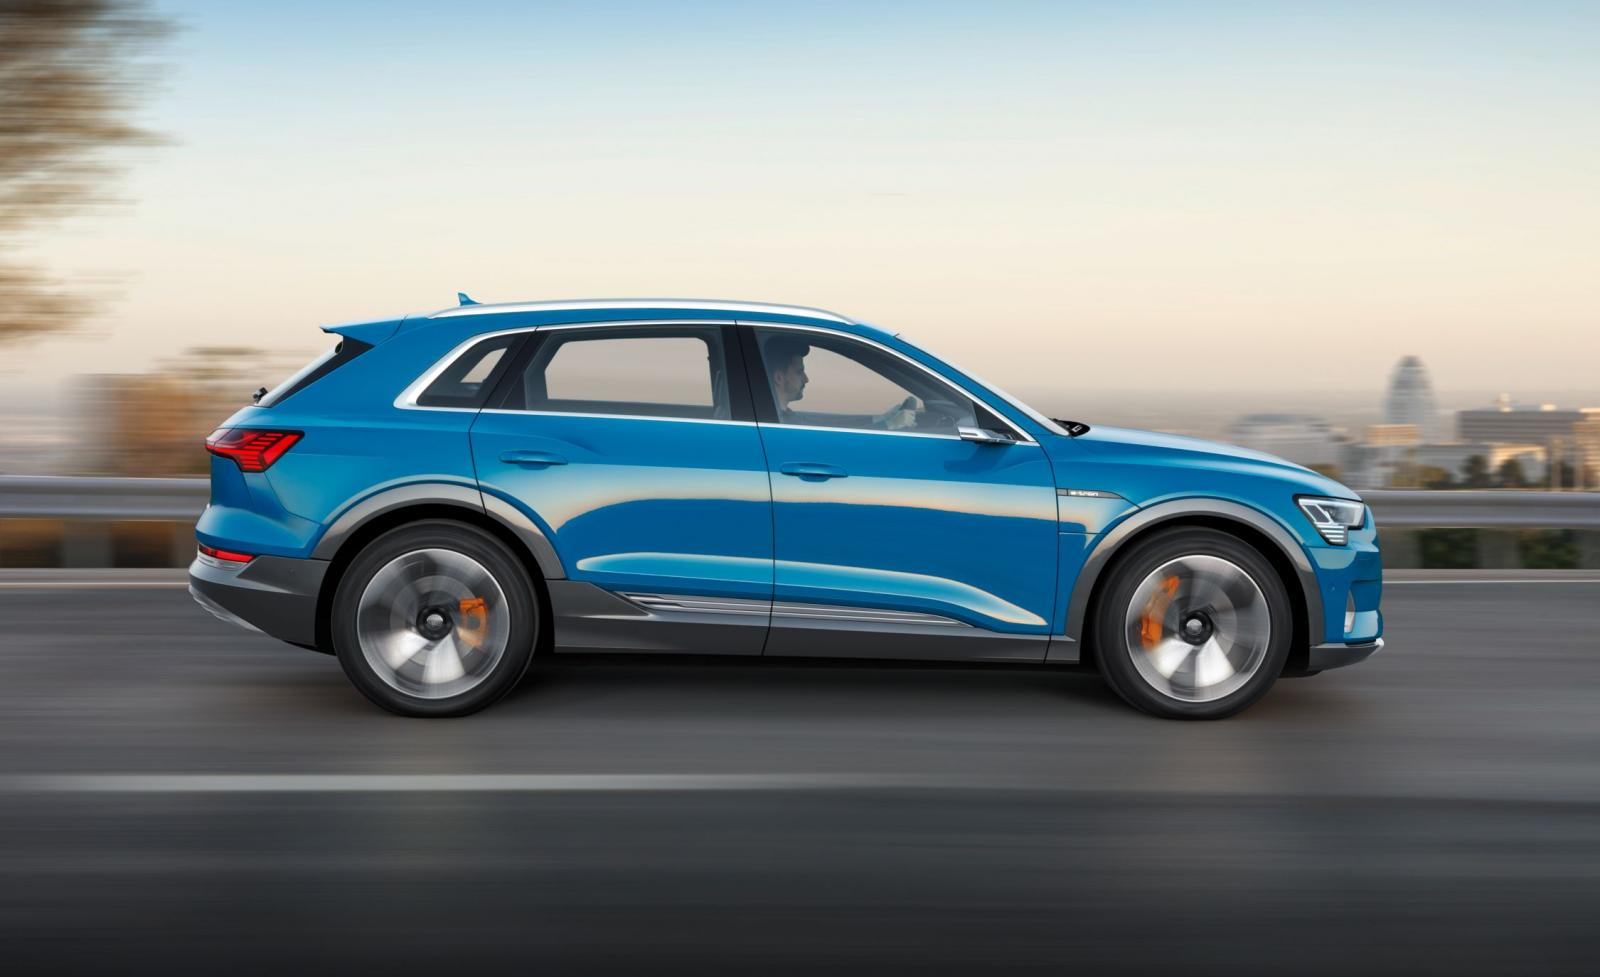 Audi E-Tron carretera